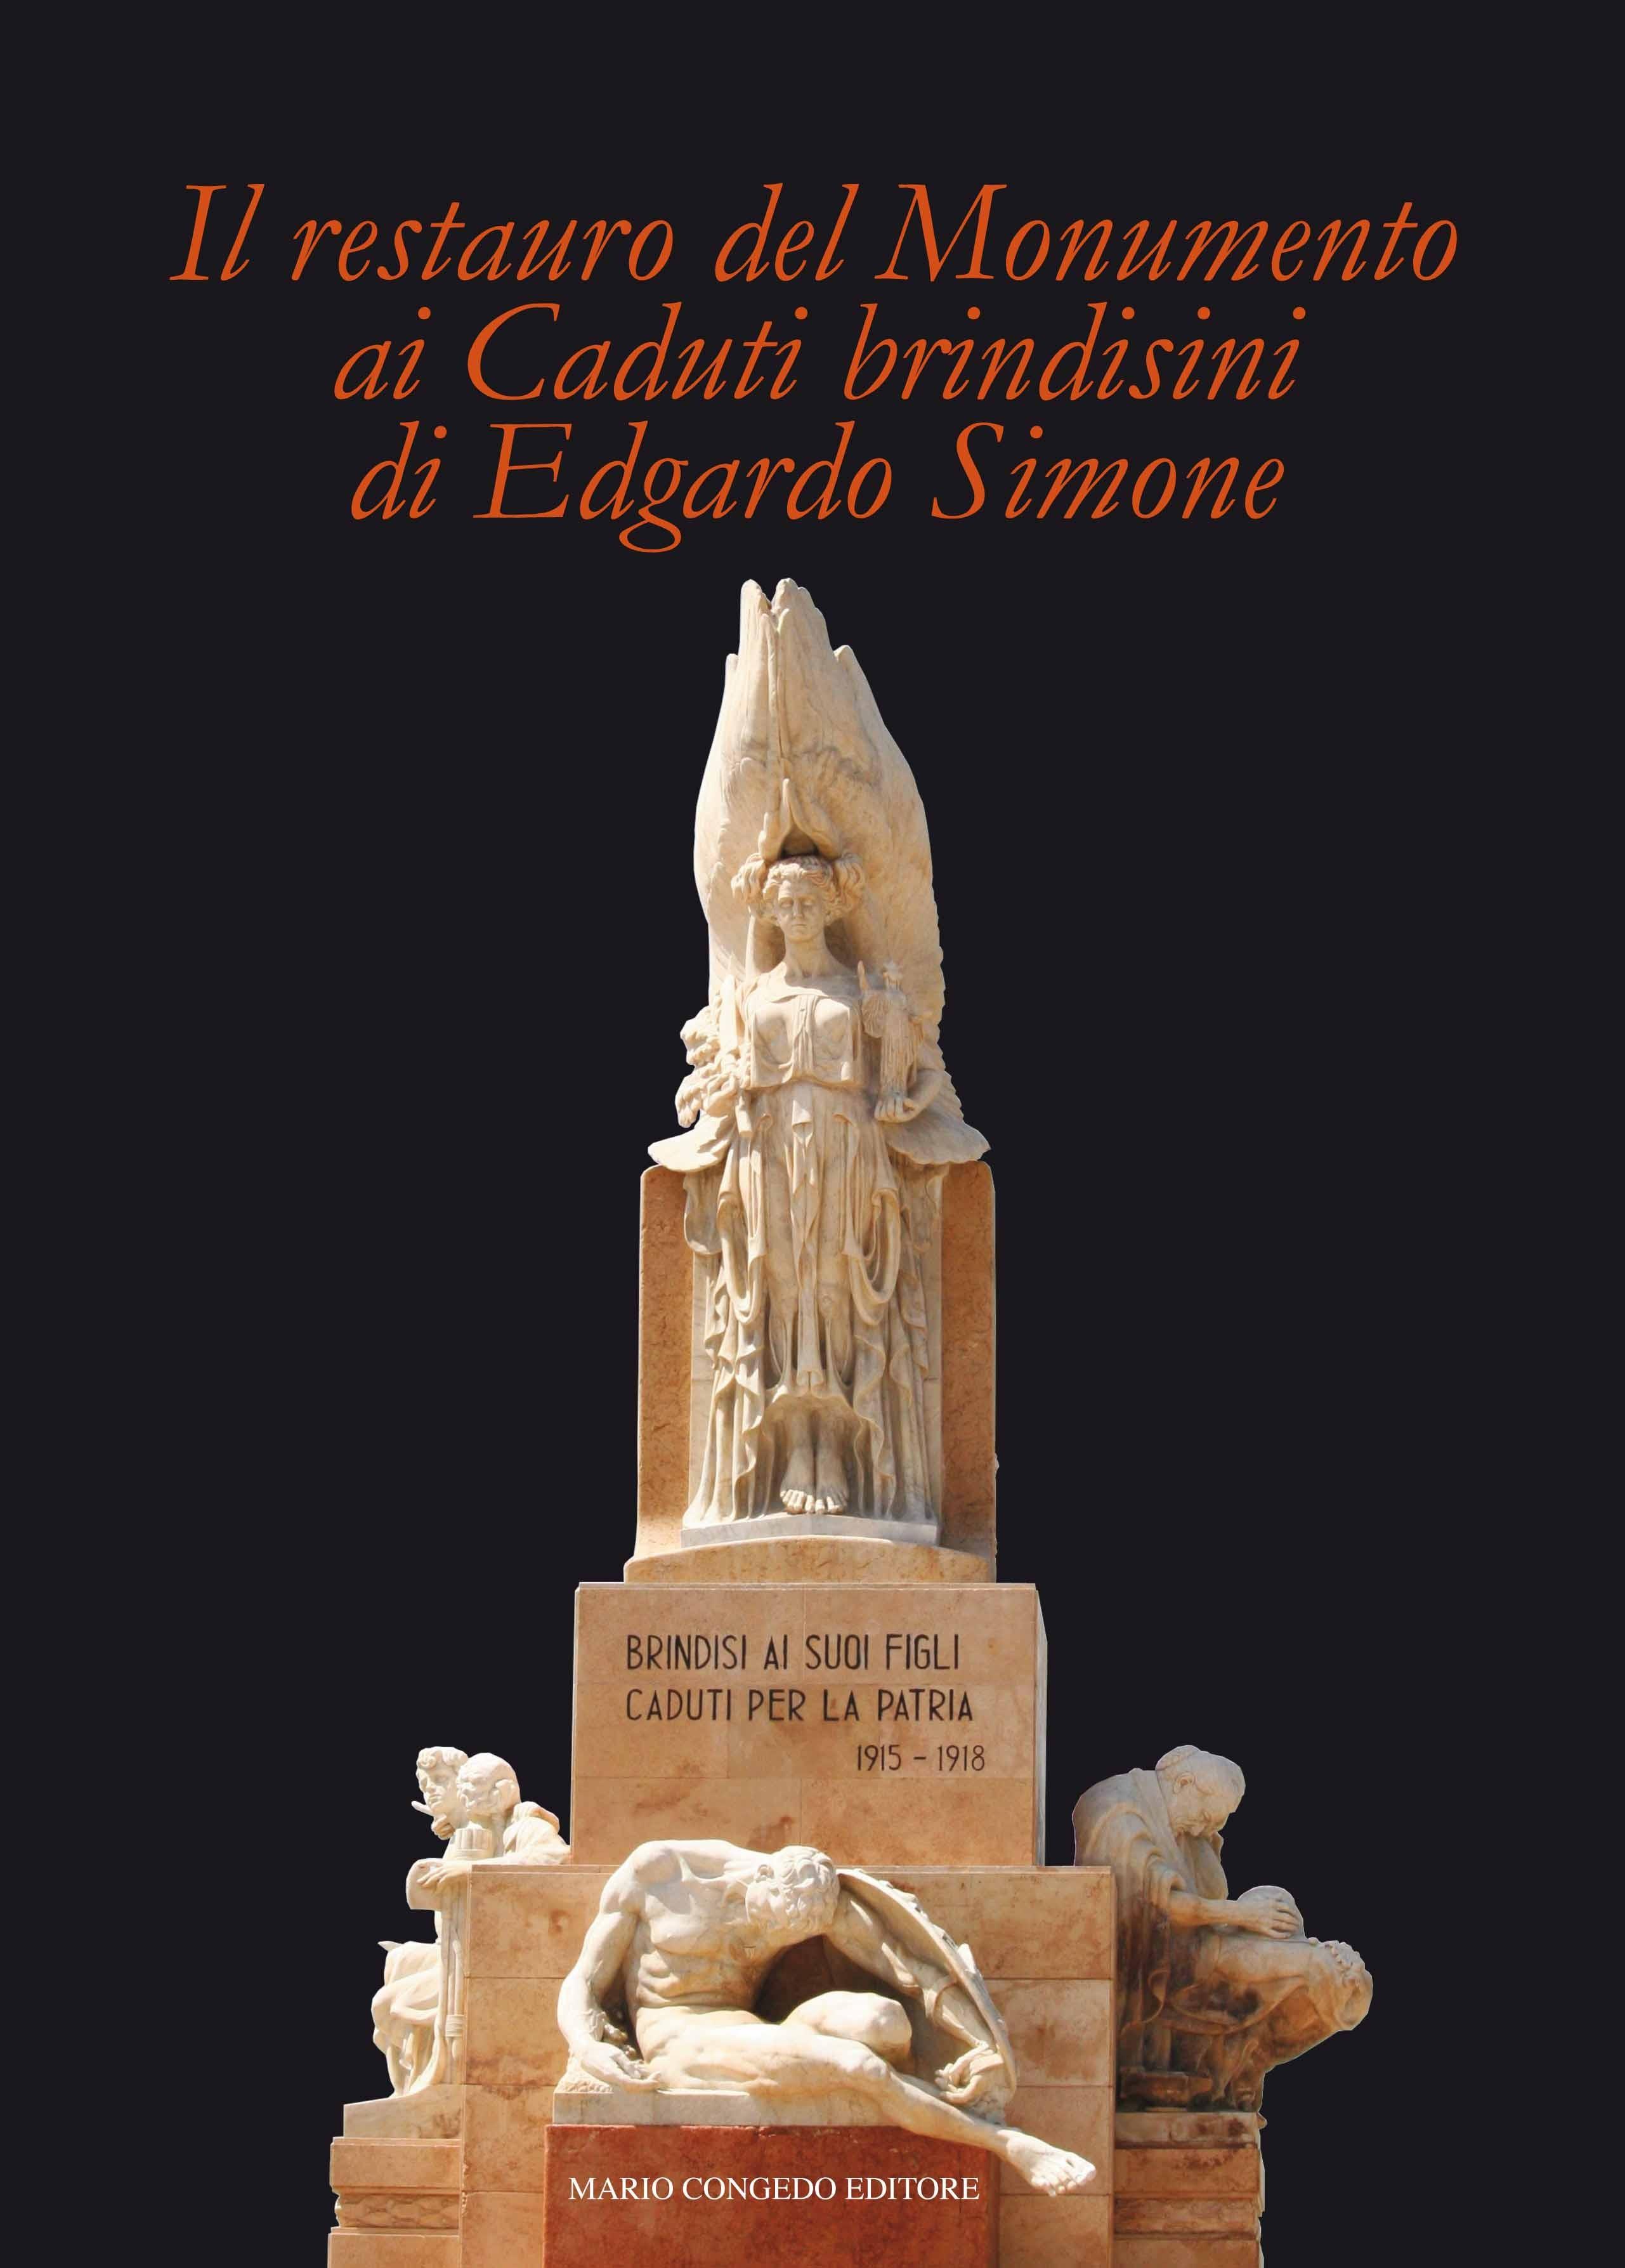 Il restauro del Monumento ai Caduti brindisini di Edgardo Simone